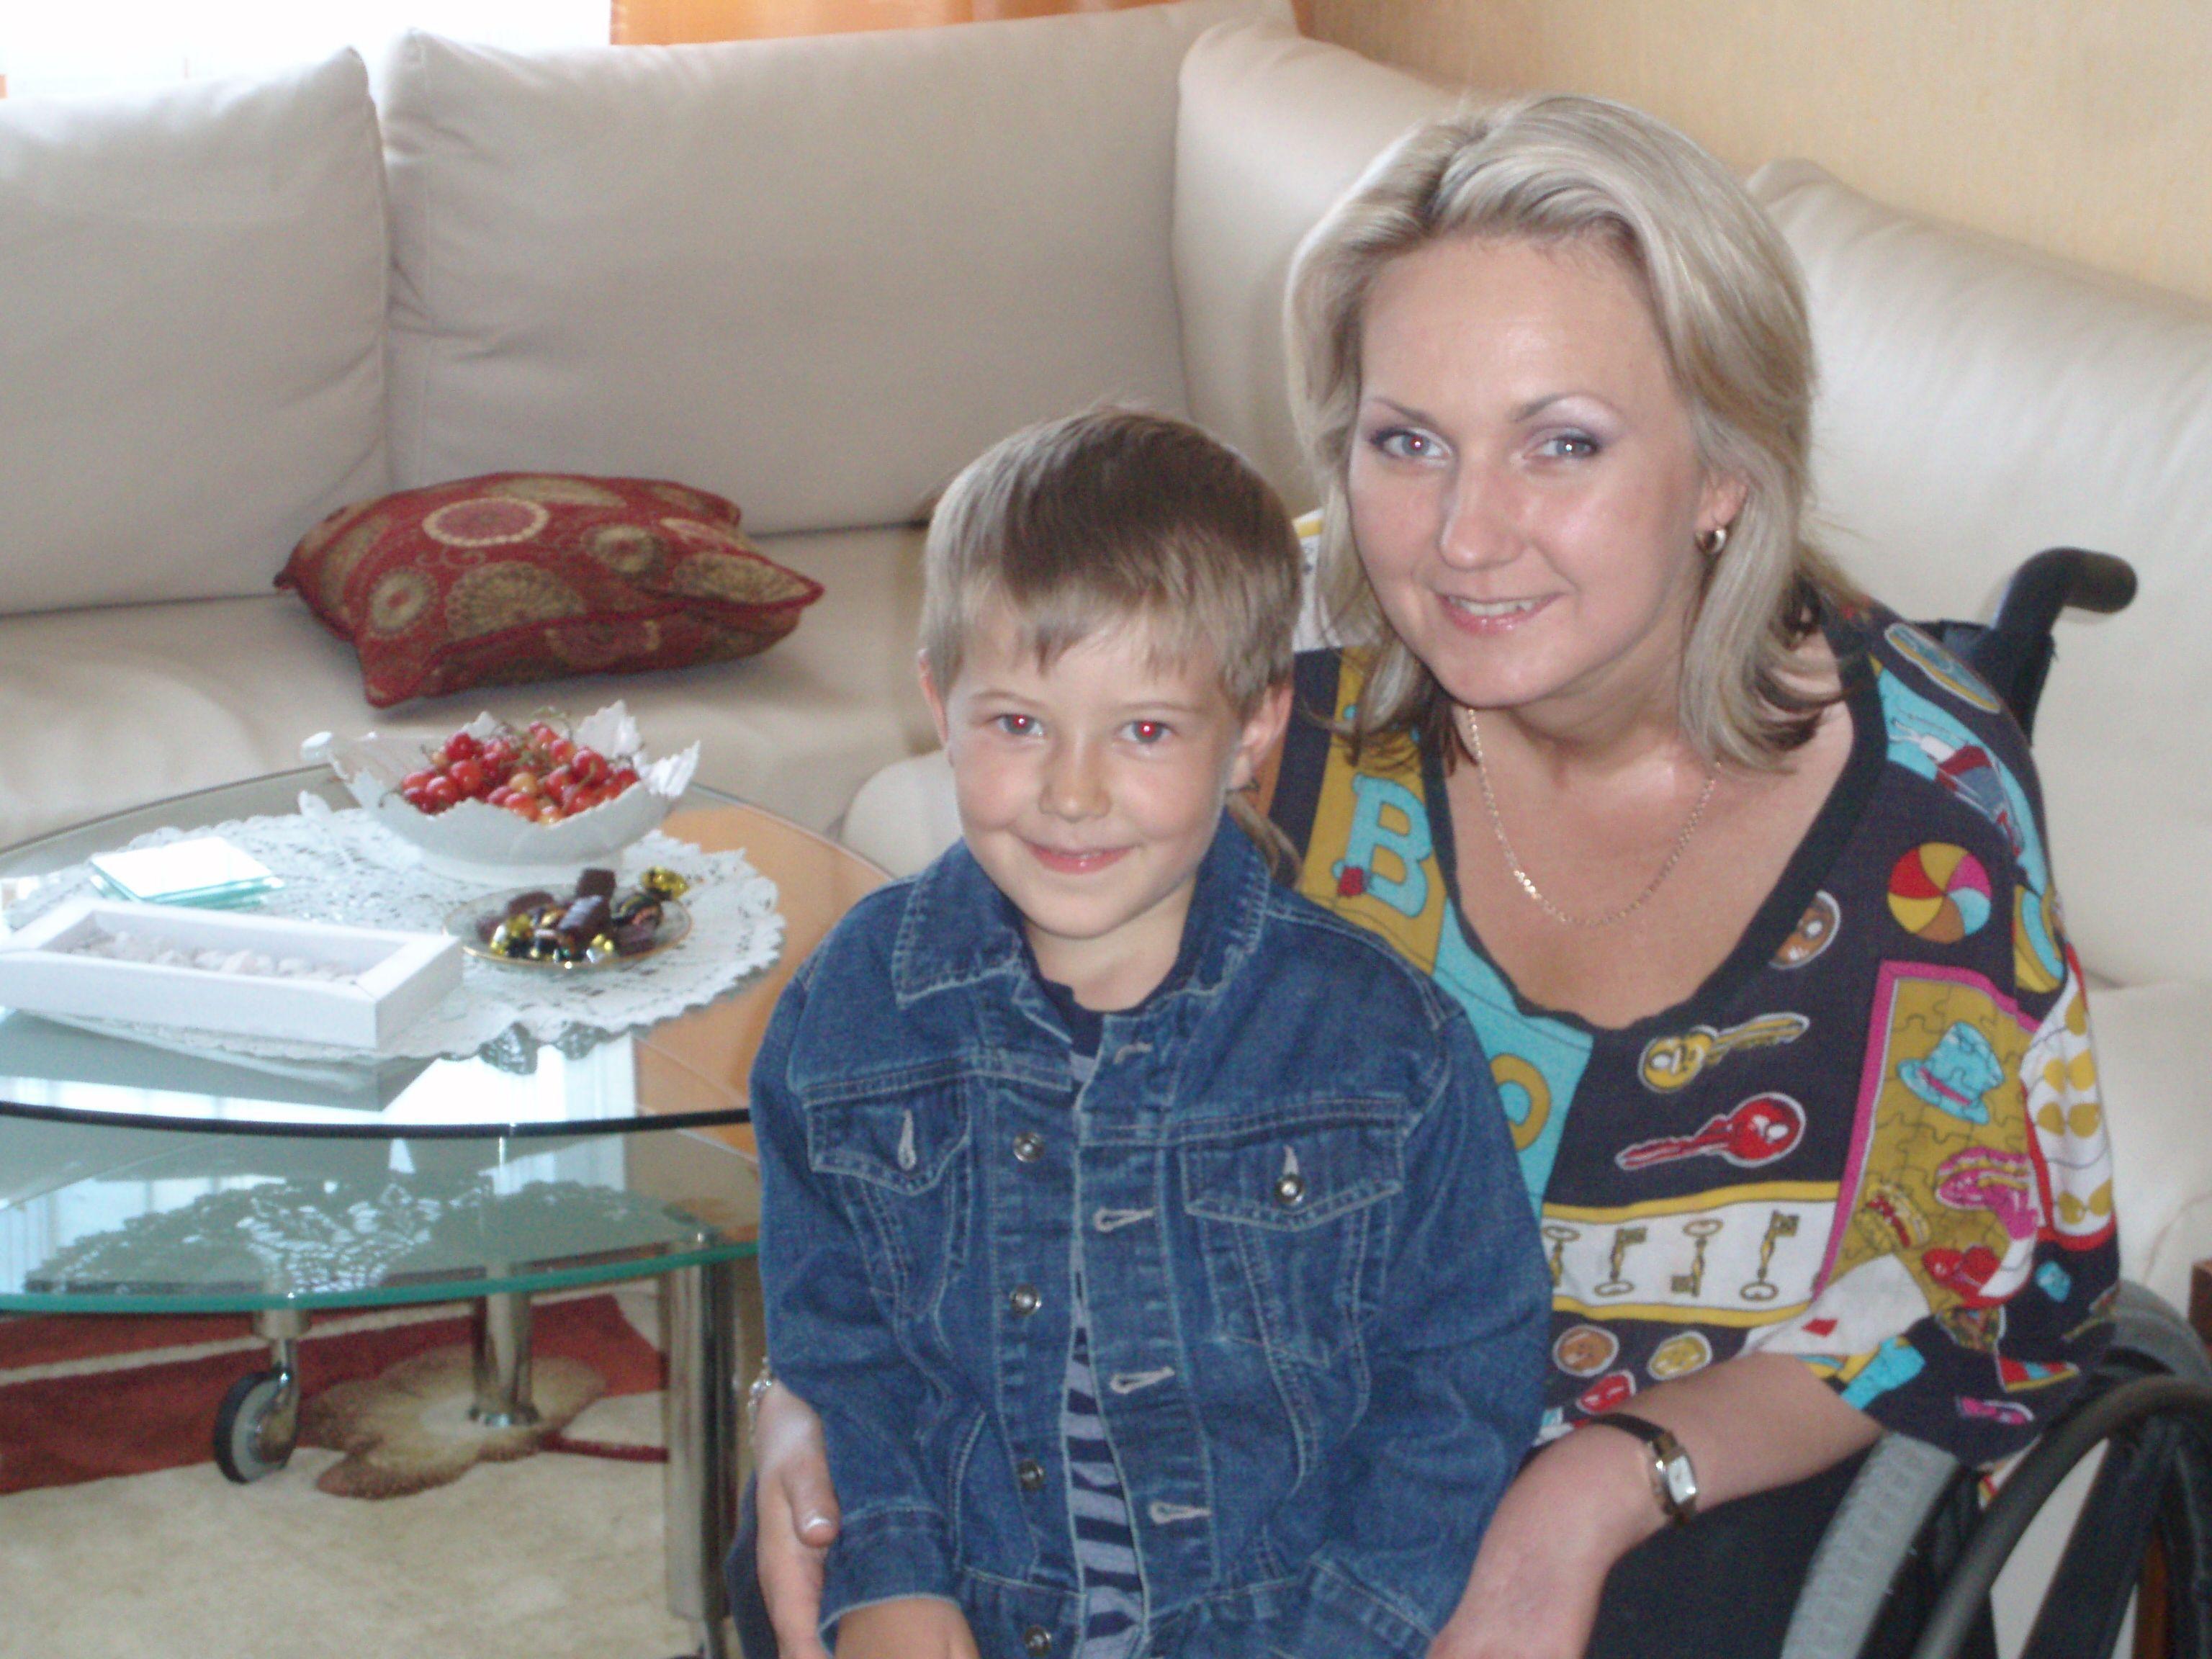 with Mantas, my nephew